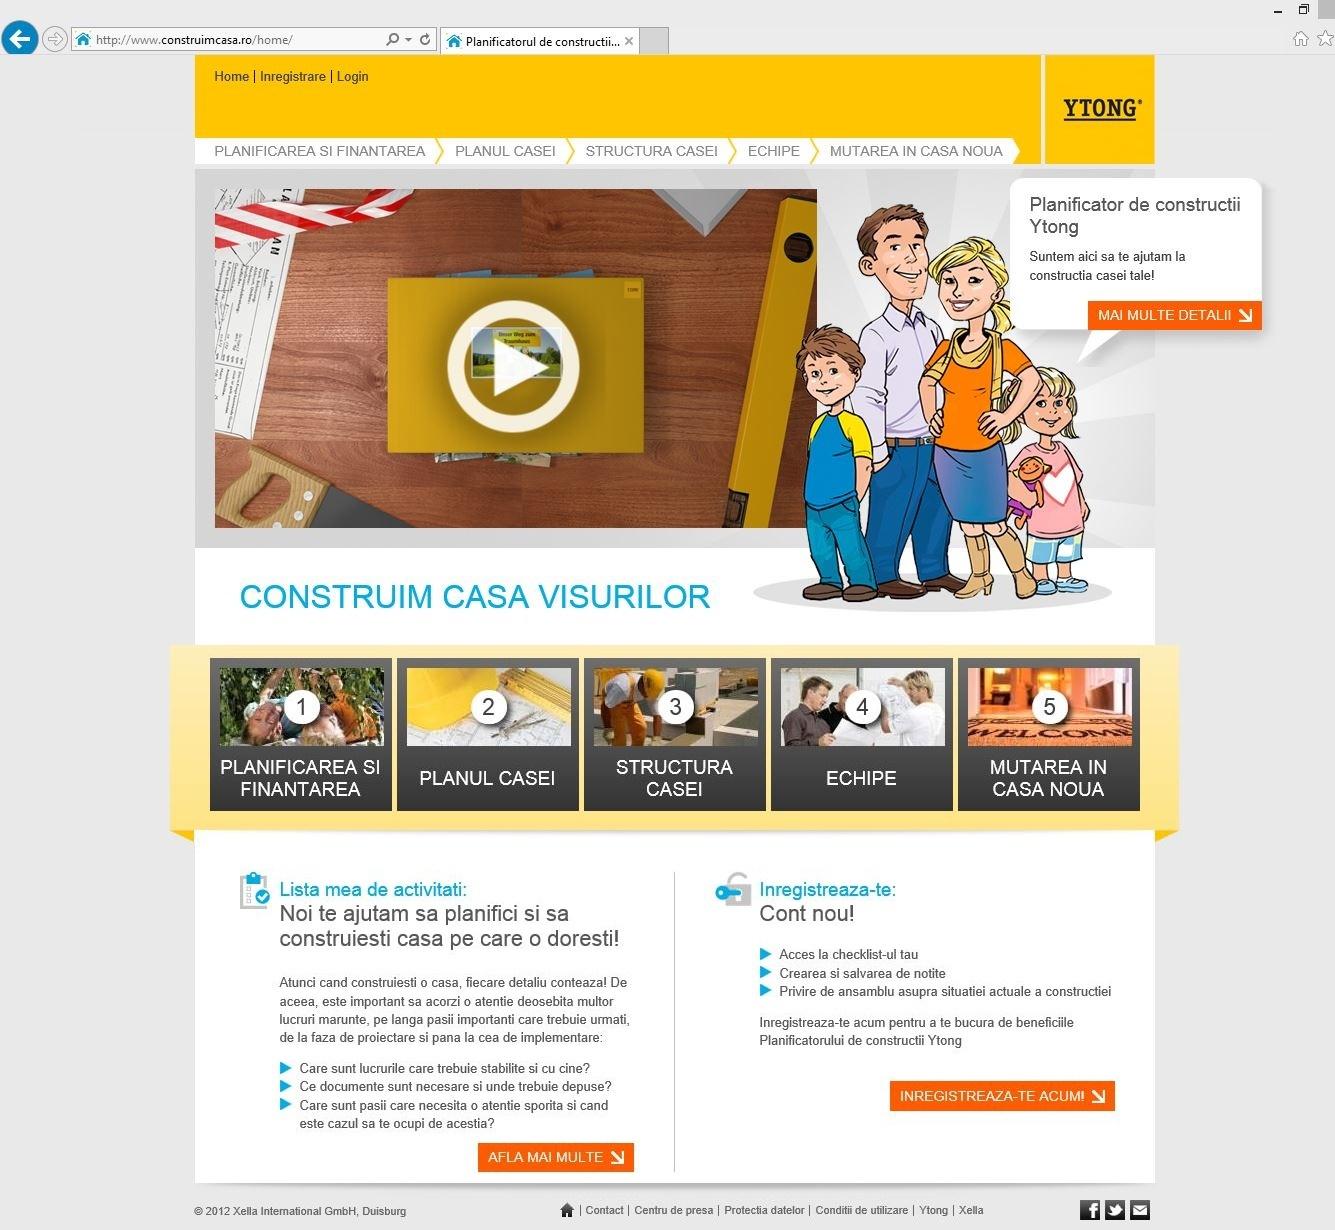 Construimcasa.ro - YTONG sustine constructiile de calitate